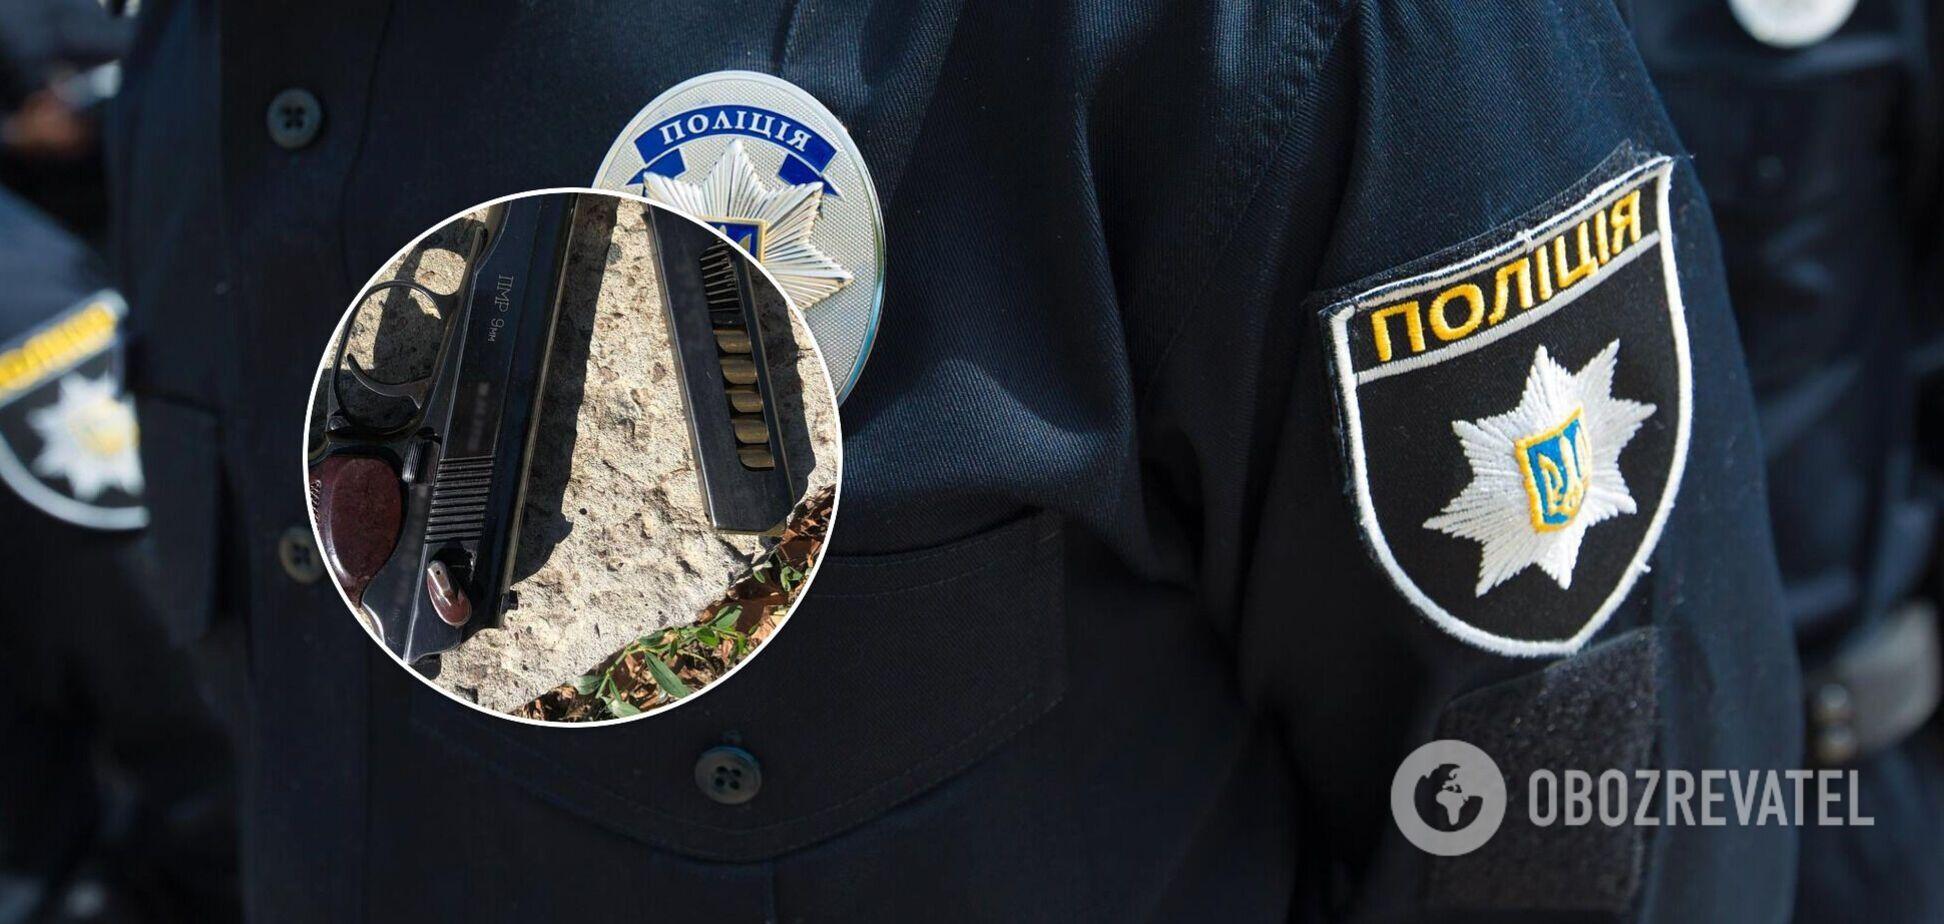 У Харкові конфлікт водіїв на дорозі обернувся стріляниною: в поліції розкрили деталі. Фото